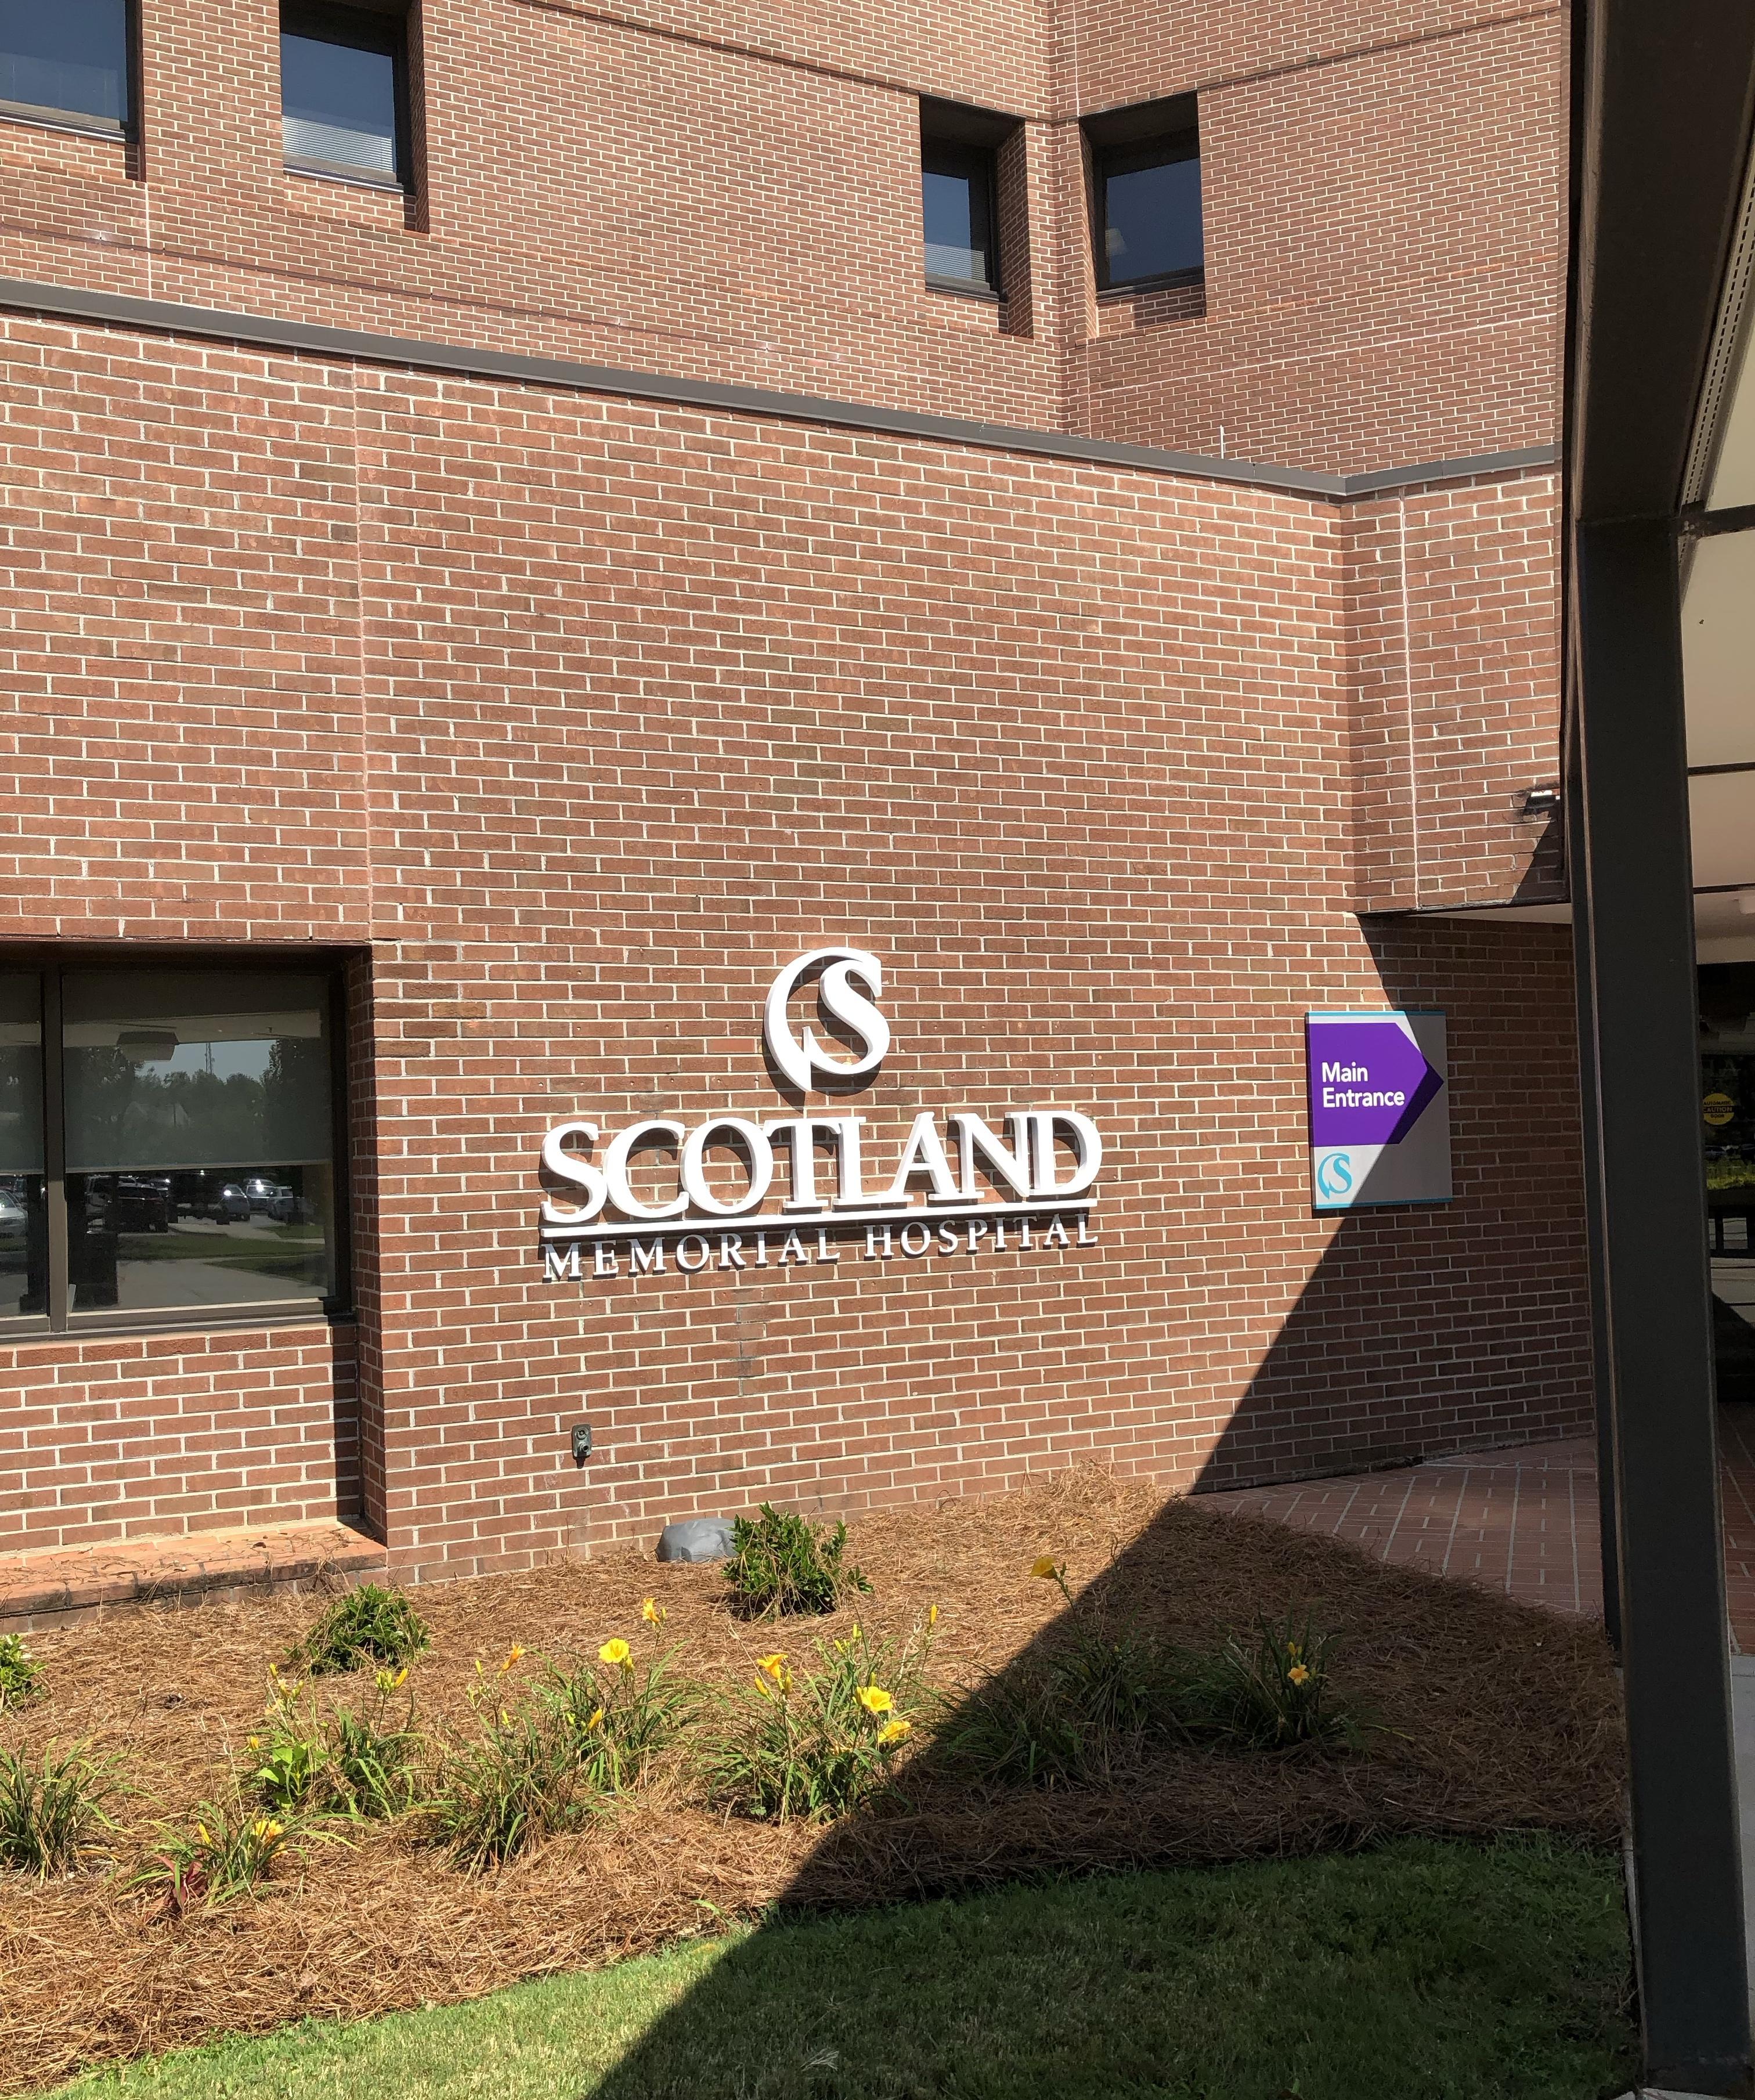 Scotland Memorial Hospital